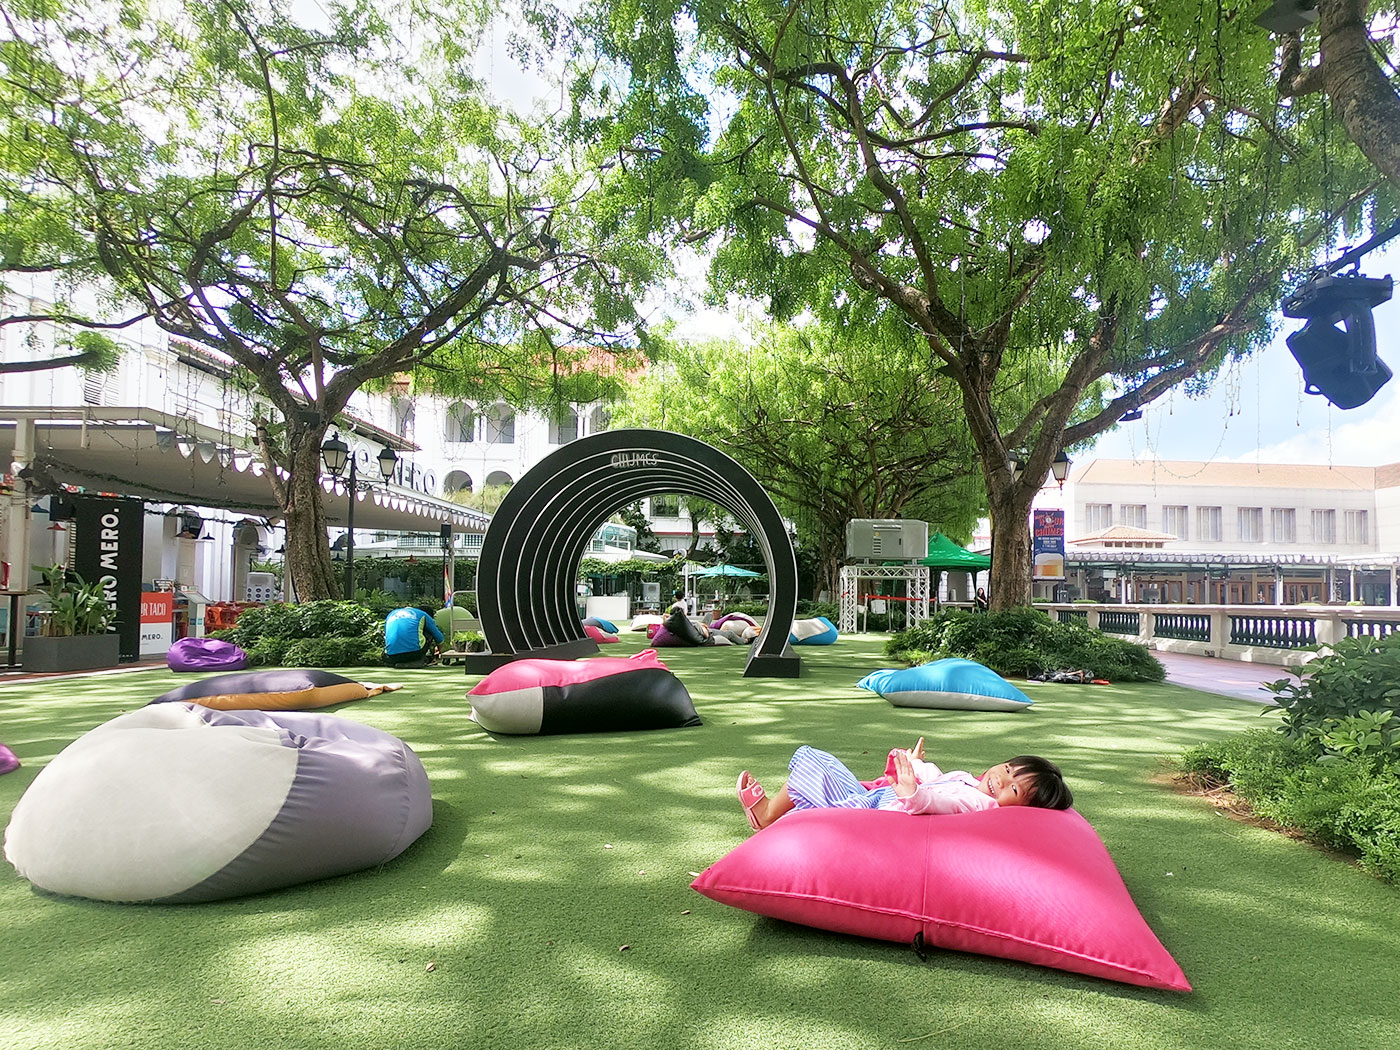 新加坡景点赞美广场花园